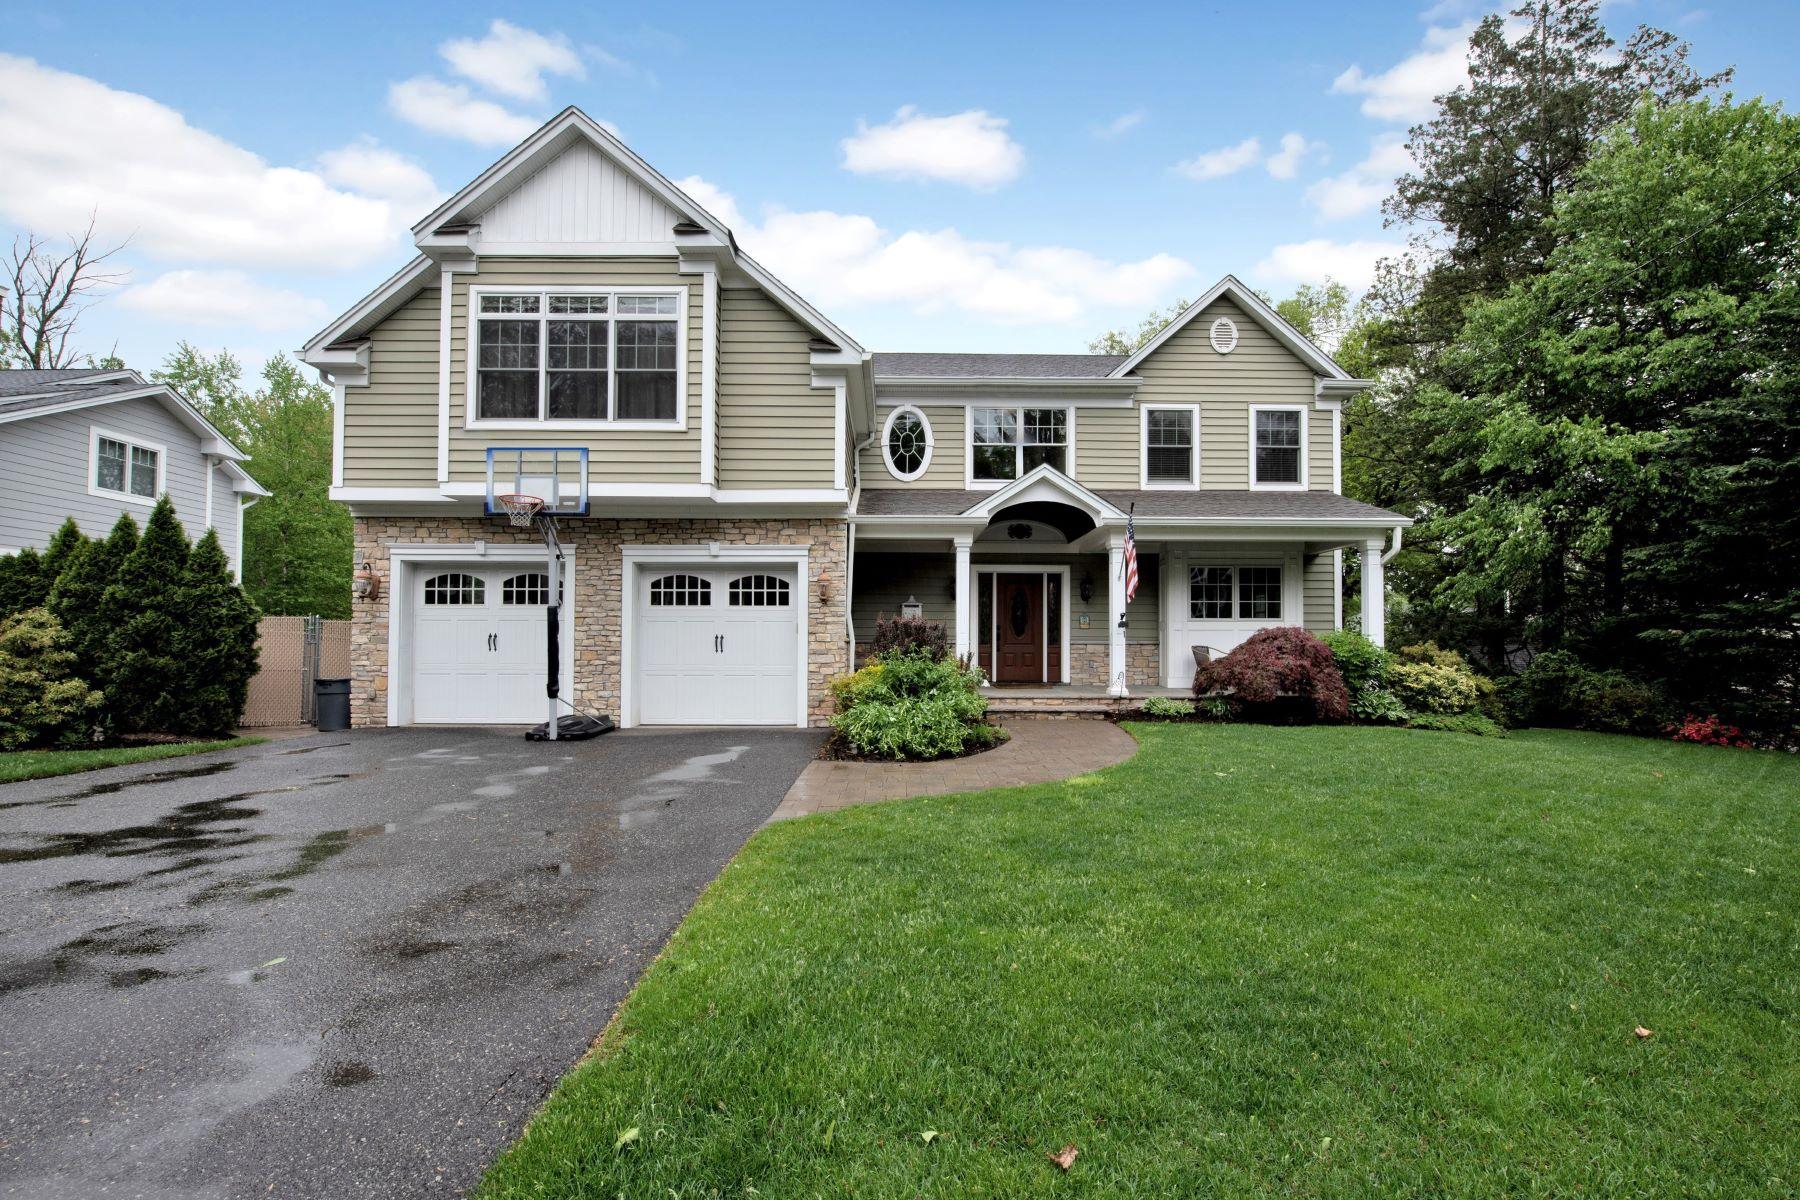 Casa Unifamiliar por un Venta en Beautiful & Well Maintained 270 Brookside Ave, Cresskill, Nueva Jersey 07626 Estados Unidos